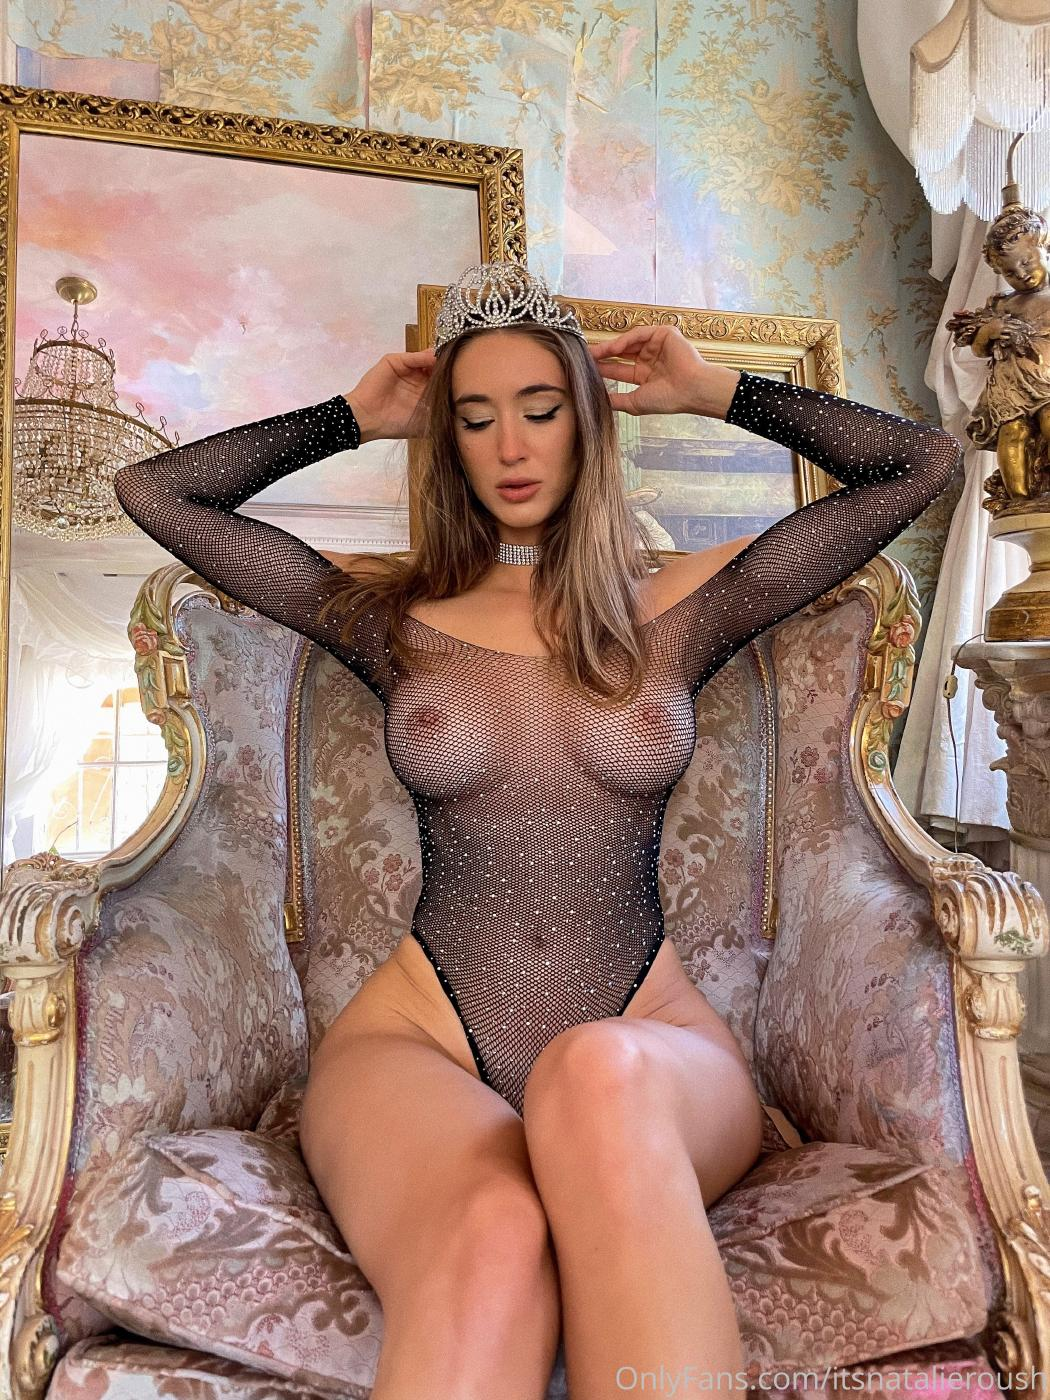 Natalie Roush Nude Fishnet Onlyfans Set Leaked Xdijga